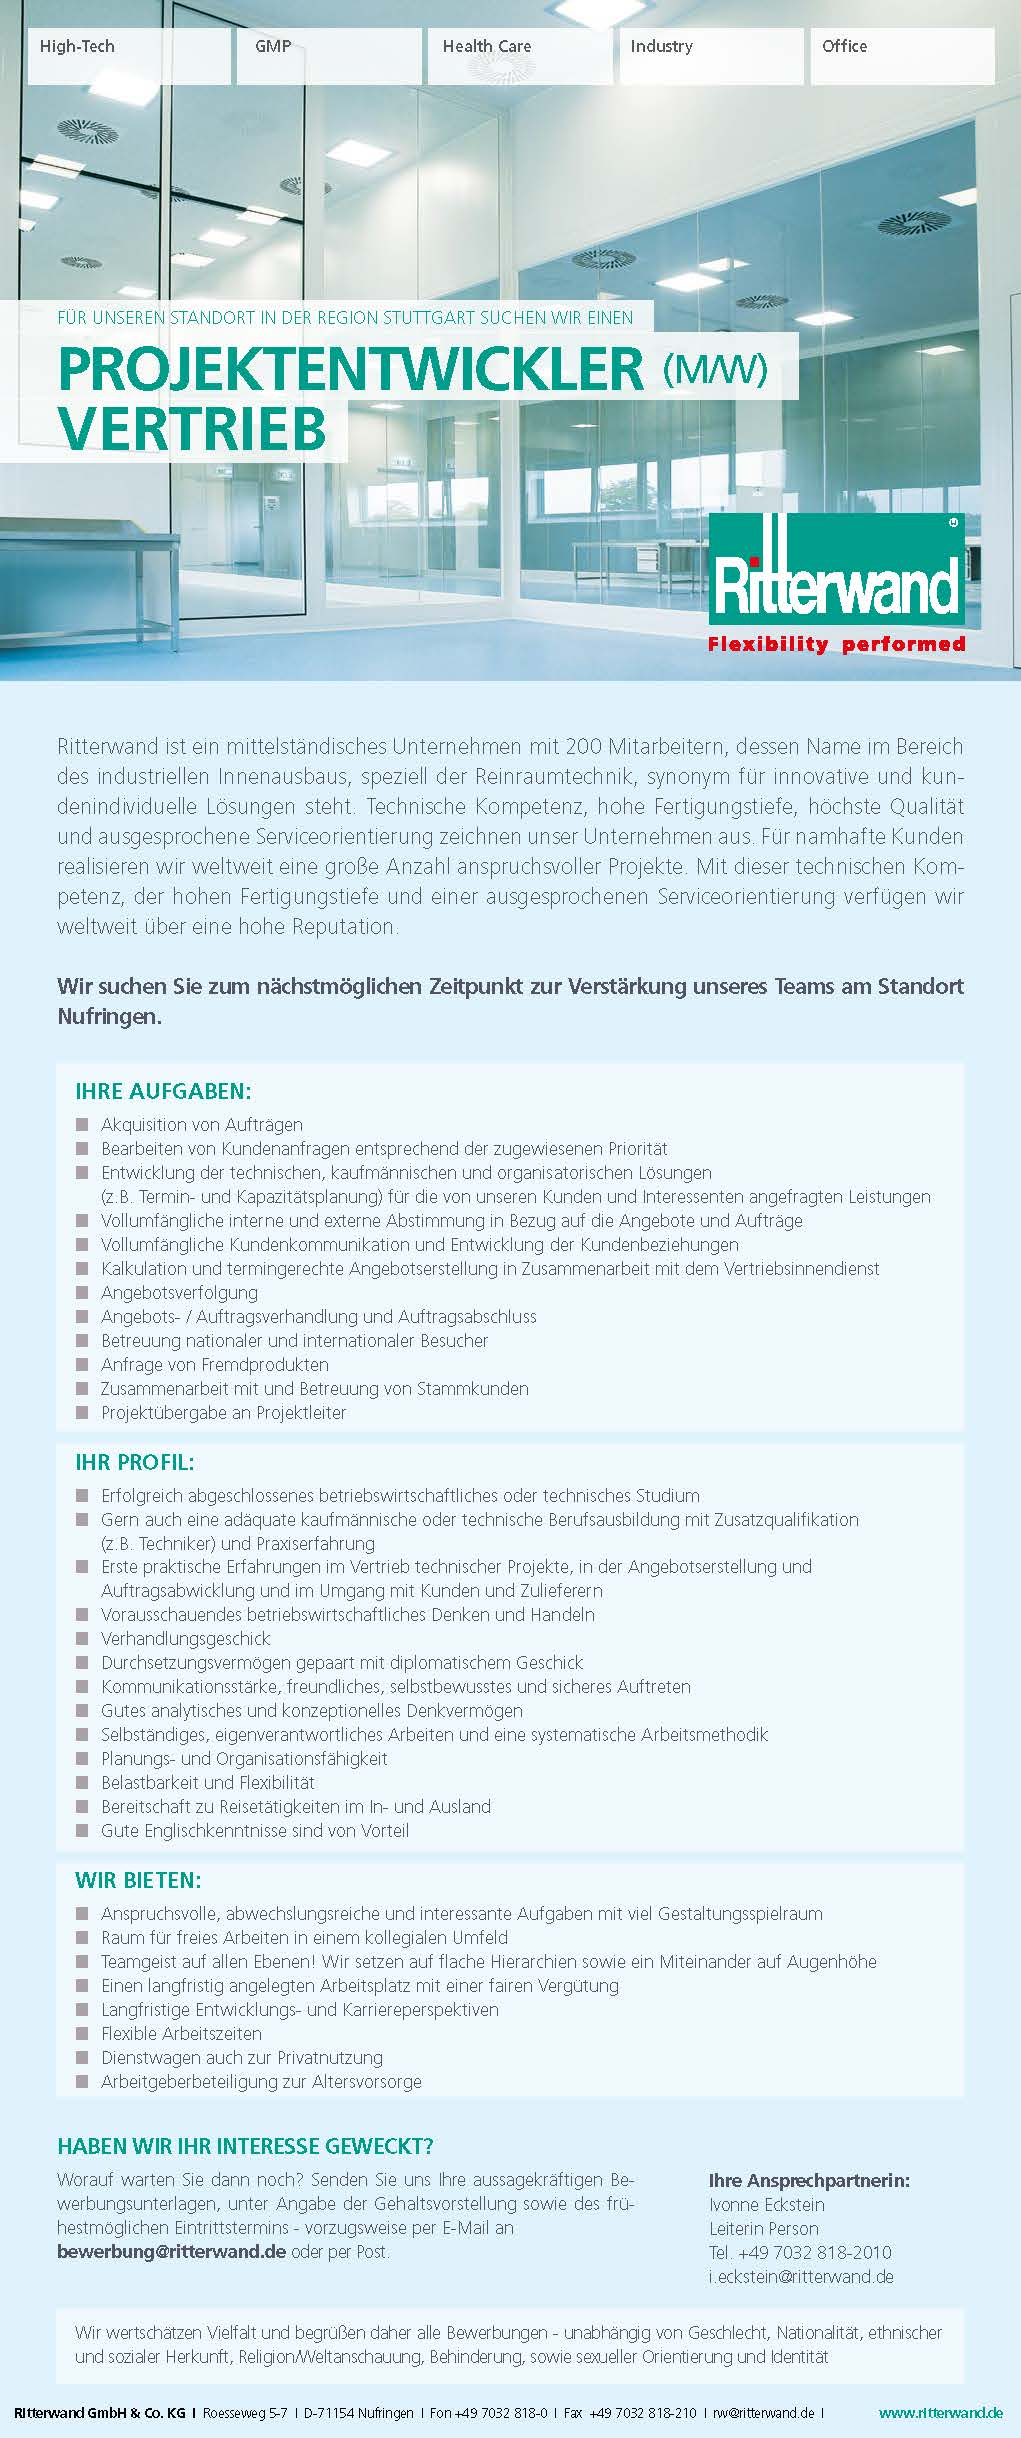 Wir suchen Sie als Projektentwickler (M/W) Vertrieb